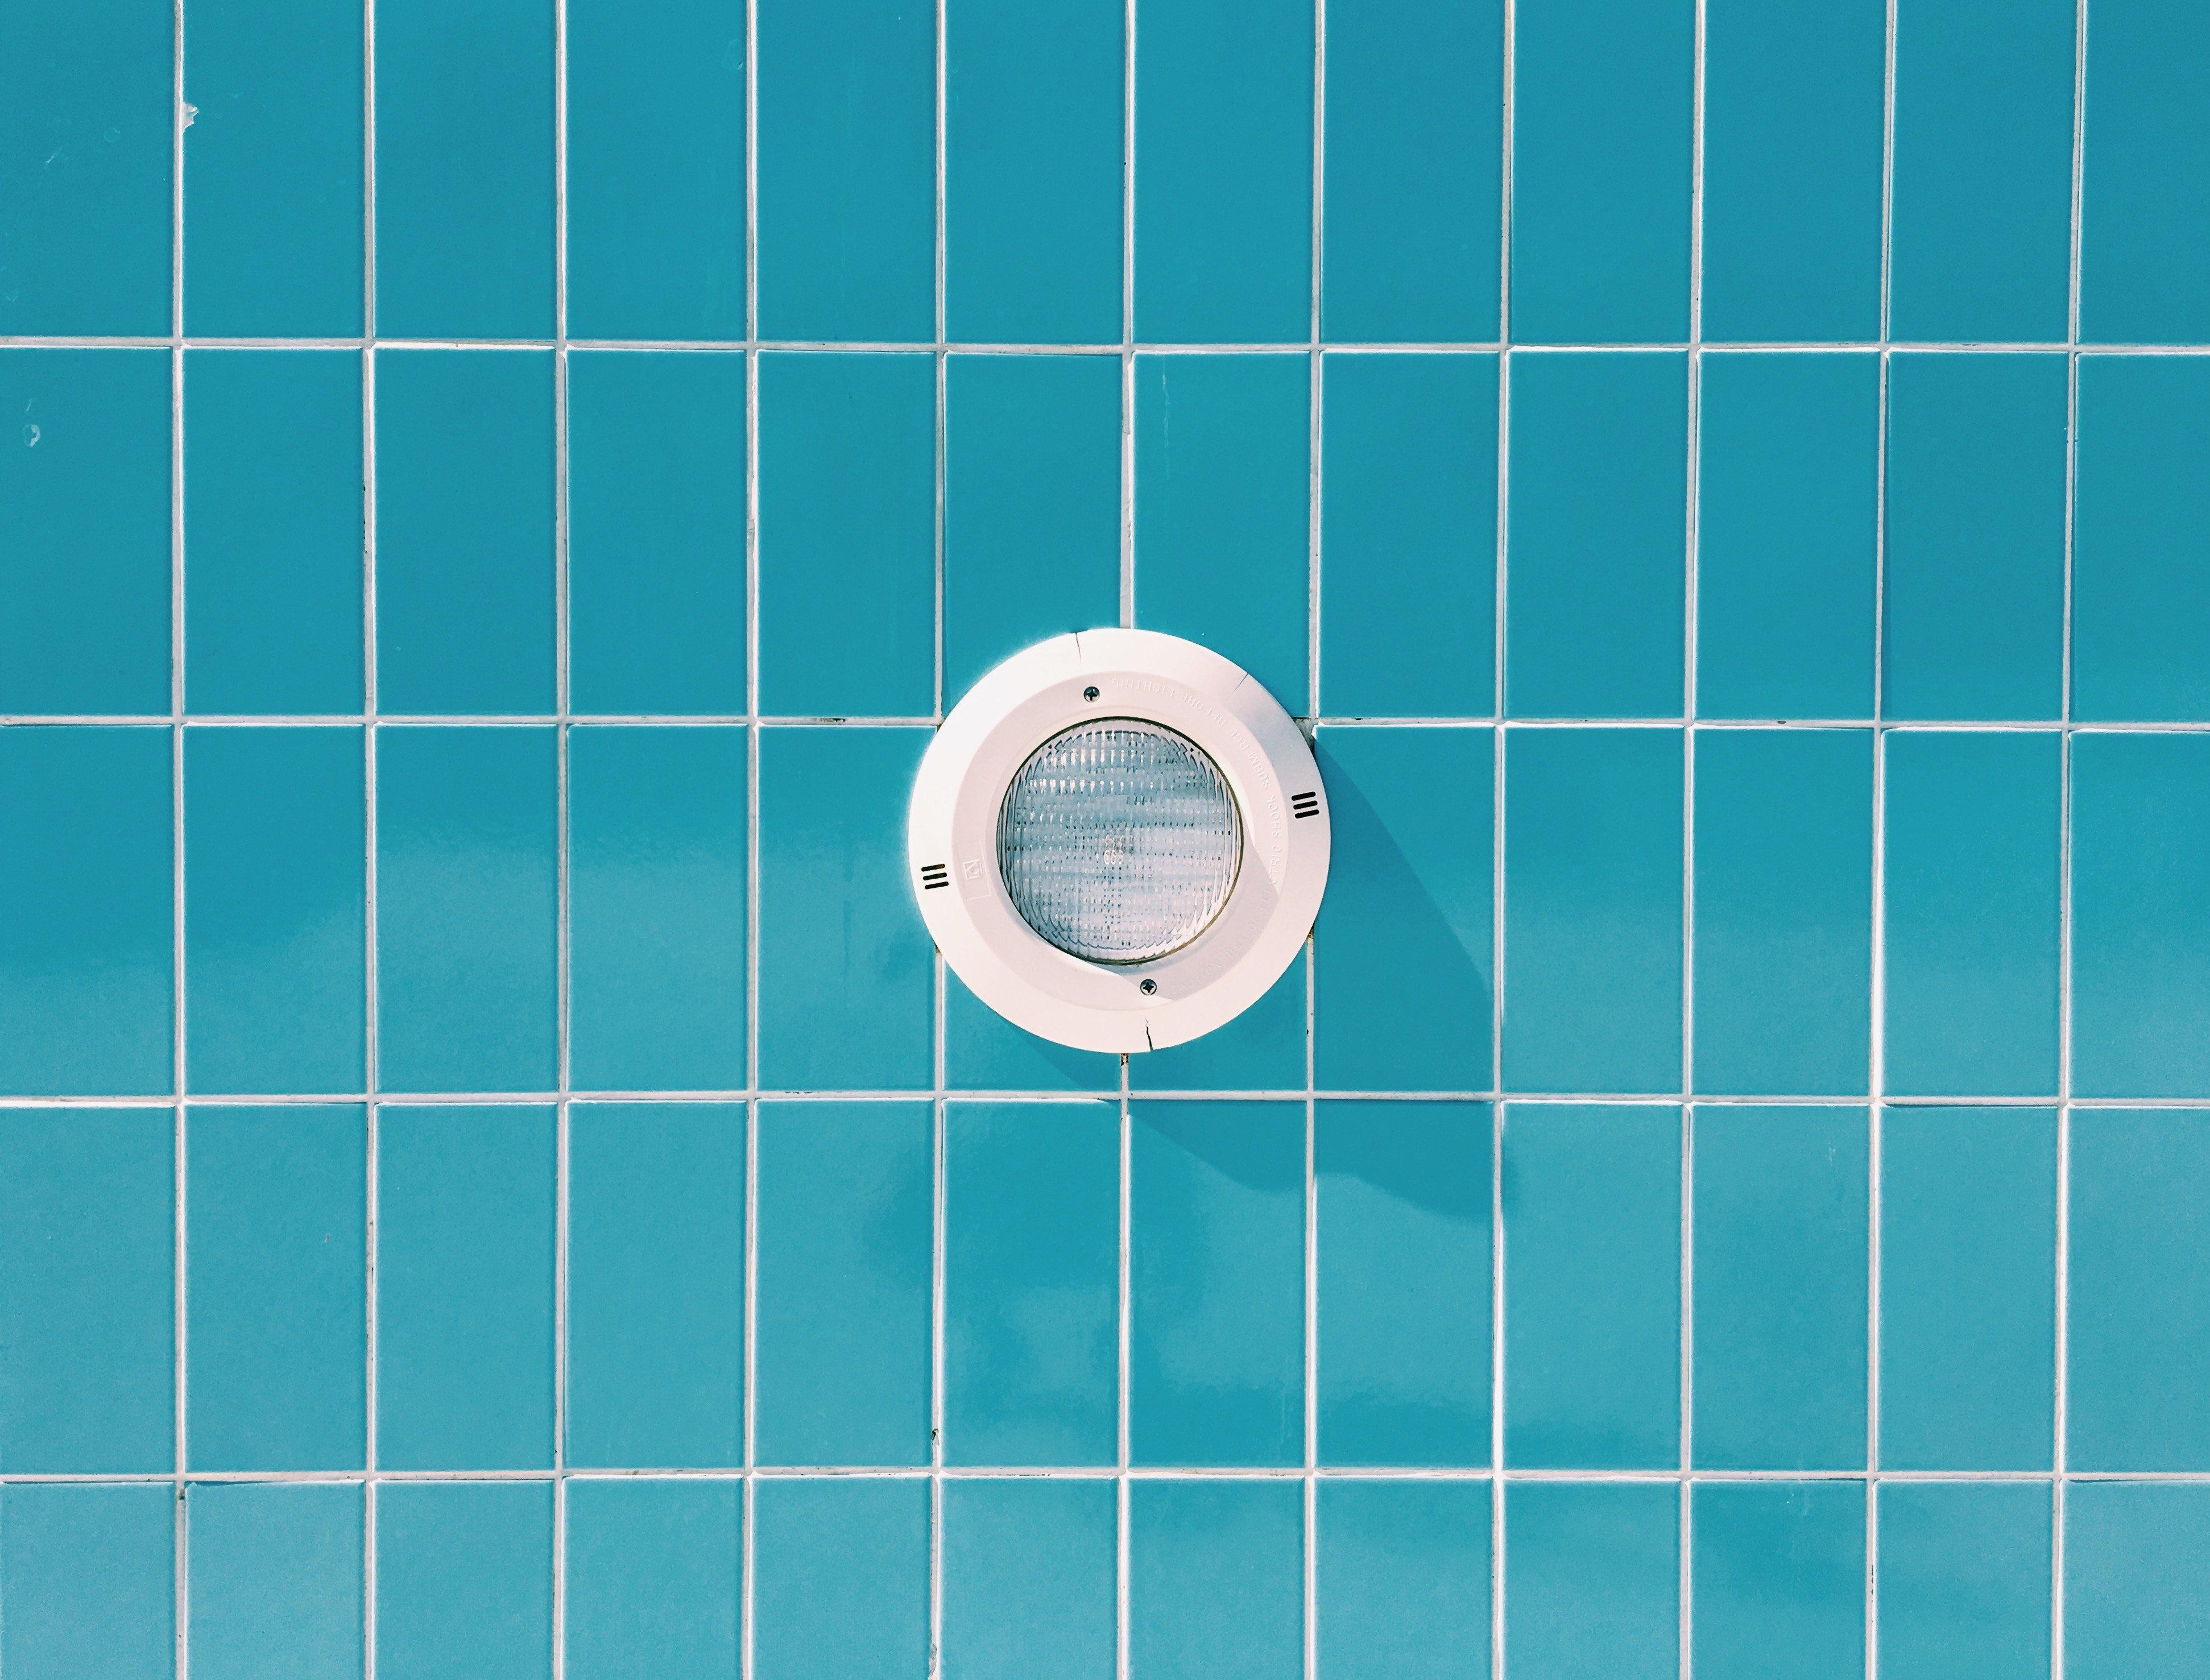 Eclairage Led Autour Piscine Éclairer une piscine : quelles sont les règles à respecter